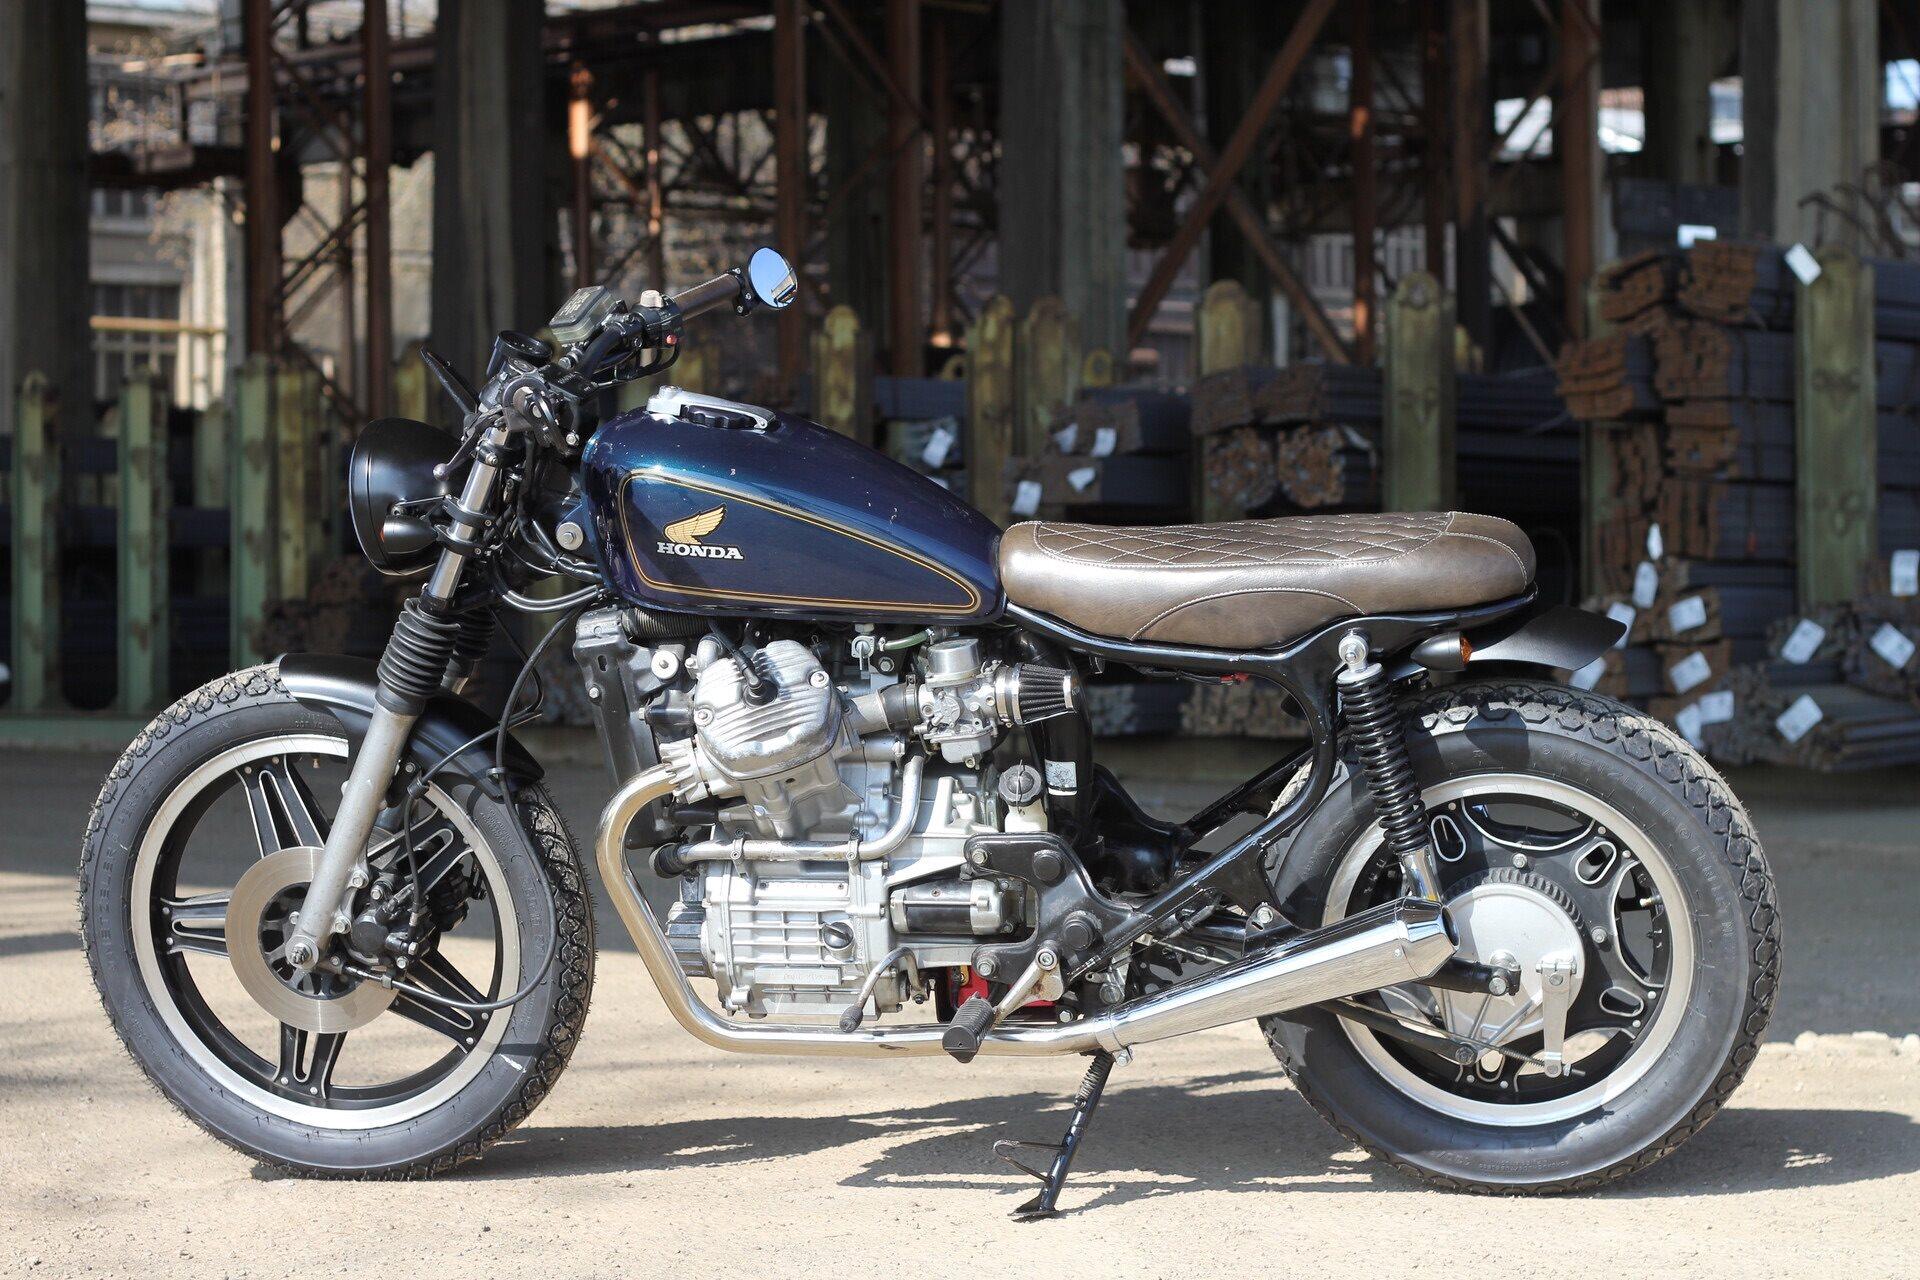 HONDA CX 500 Foto & Bild | autos & zweiräder, motorräder